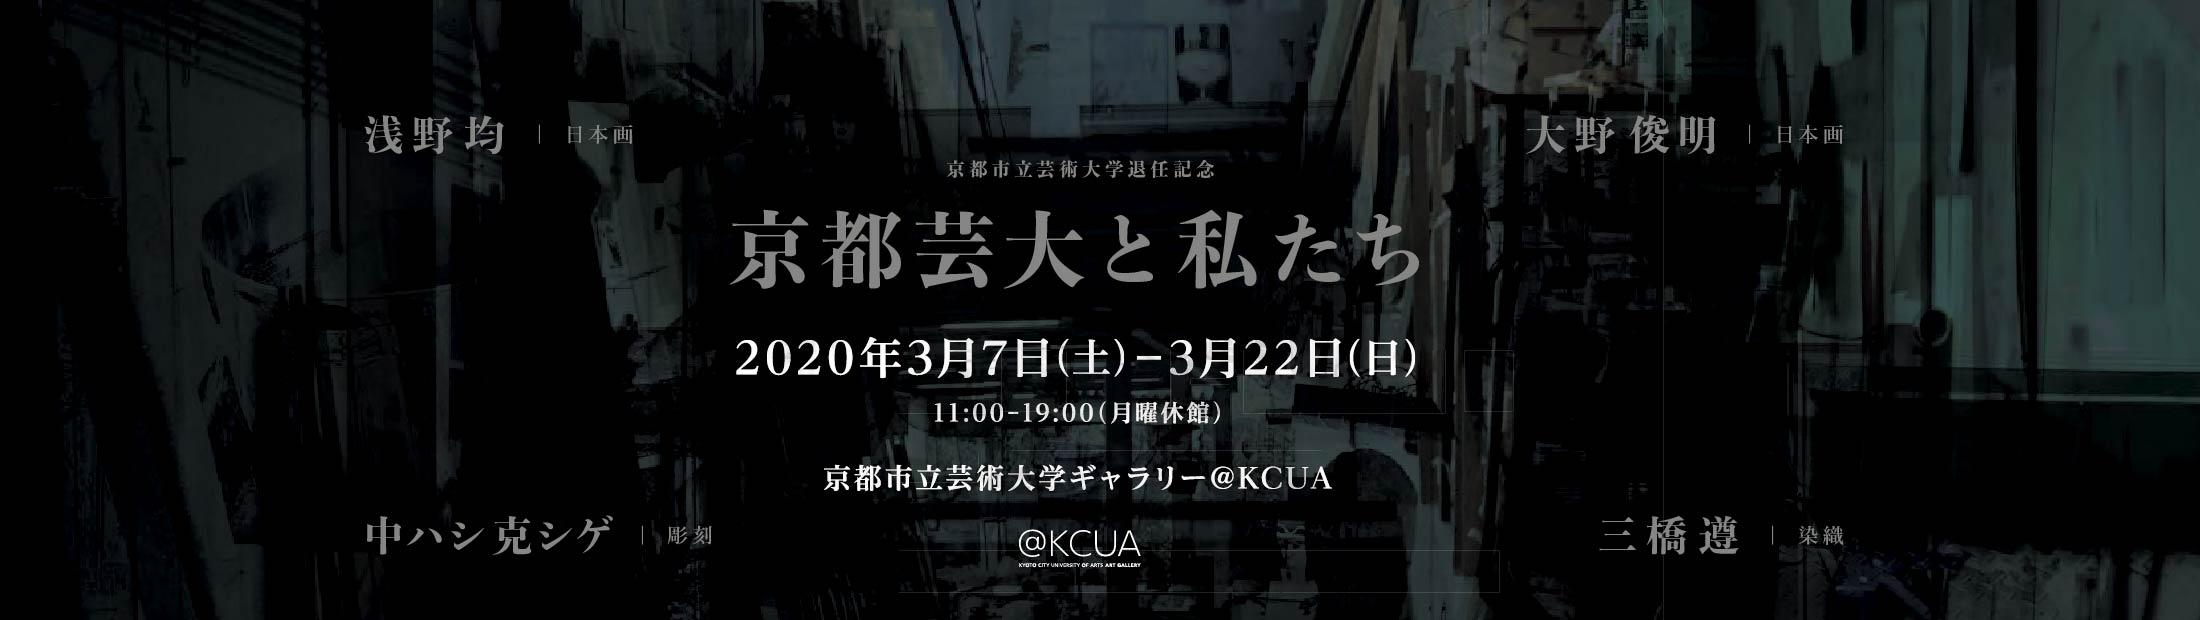 https://www.kcua.ac.jp/20200322_jigyo/